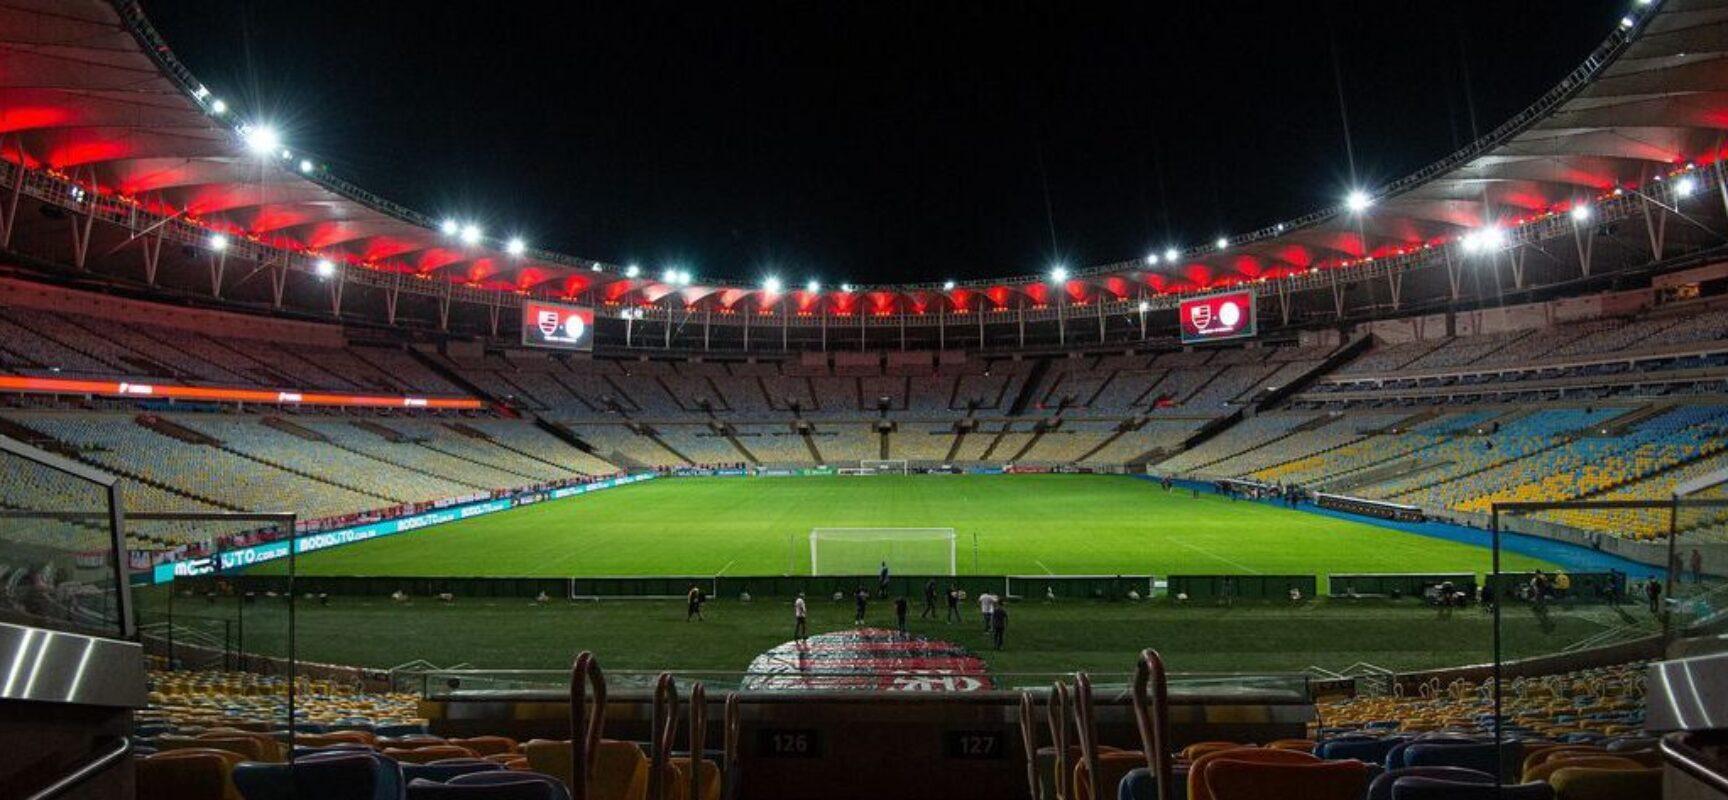 Série A: Flamengo e Chapecoense duelam no Maracanã